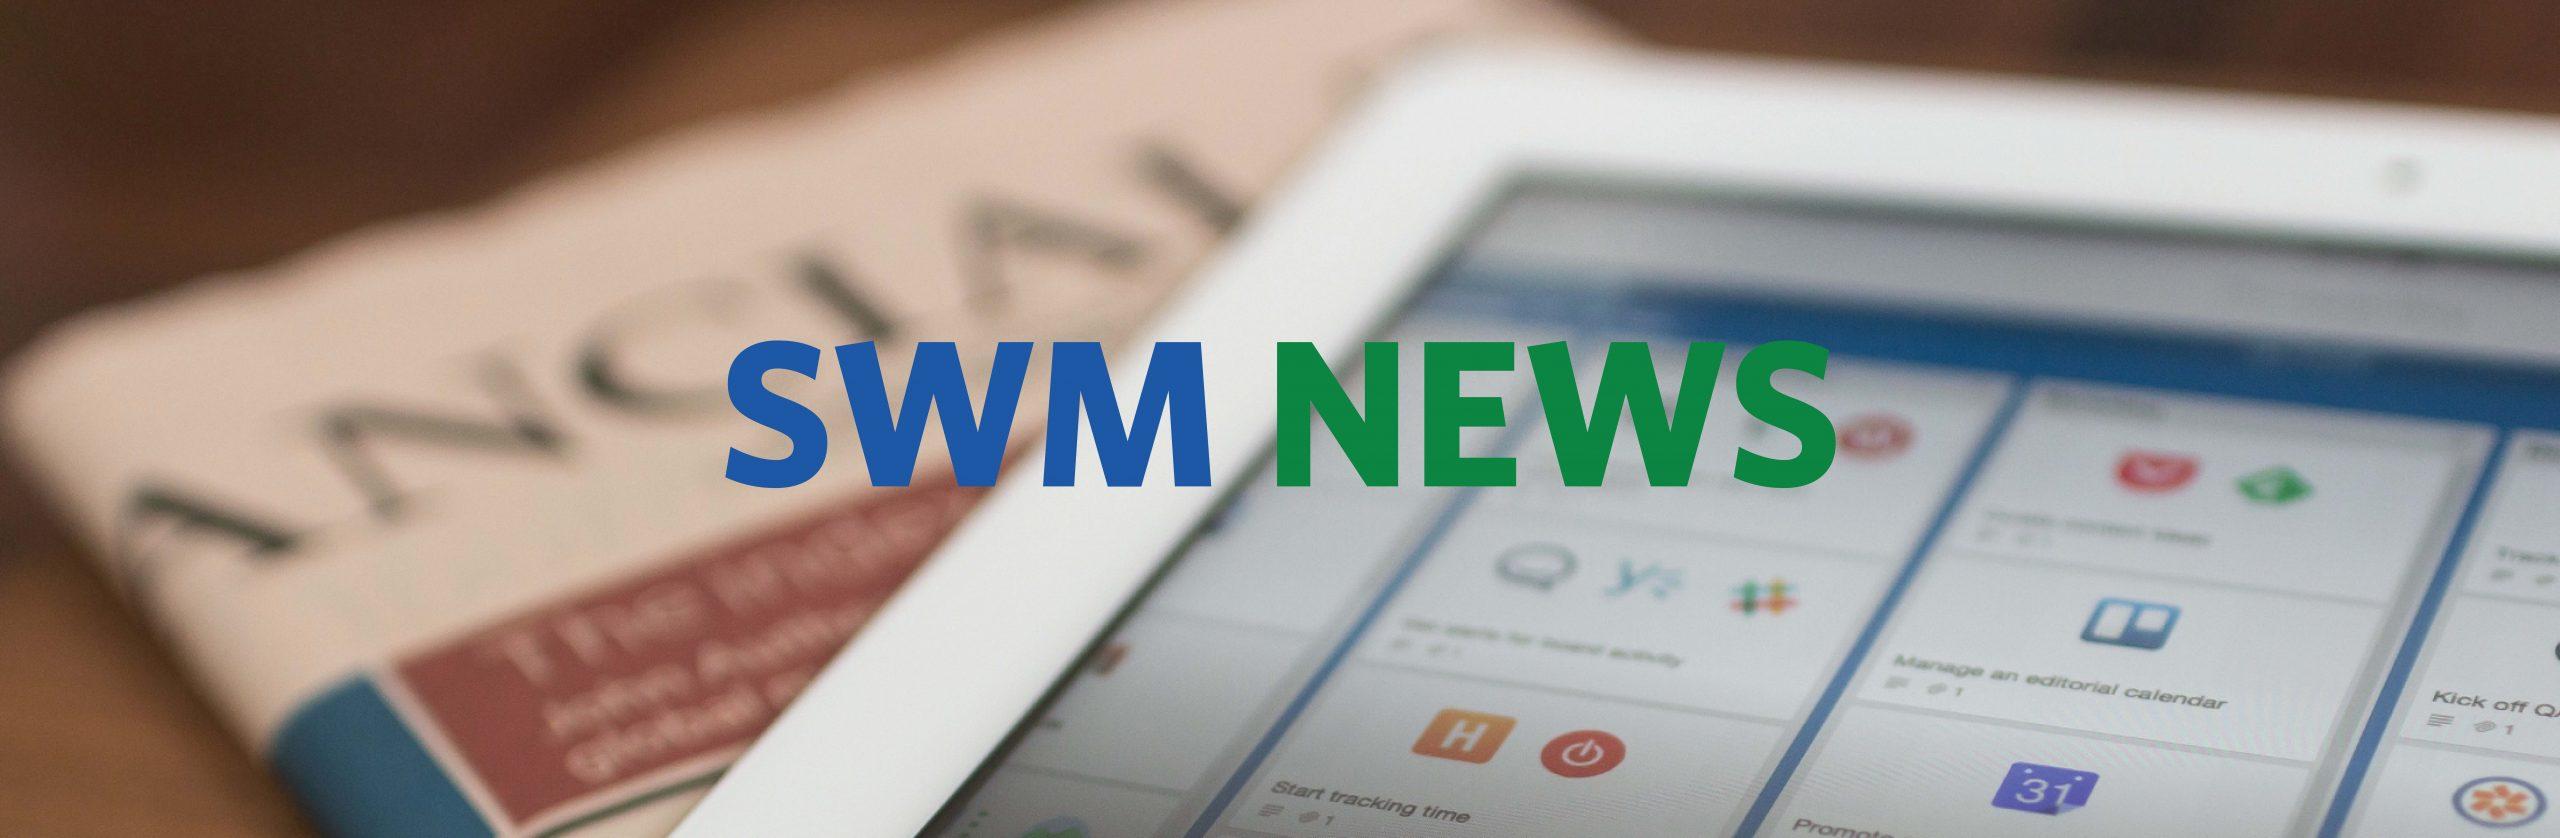 Background - SWM NEWS V1